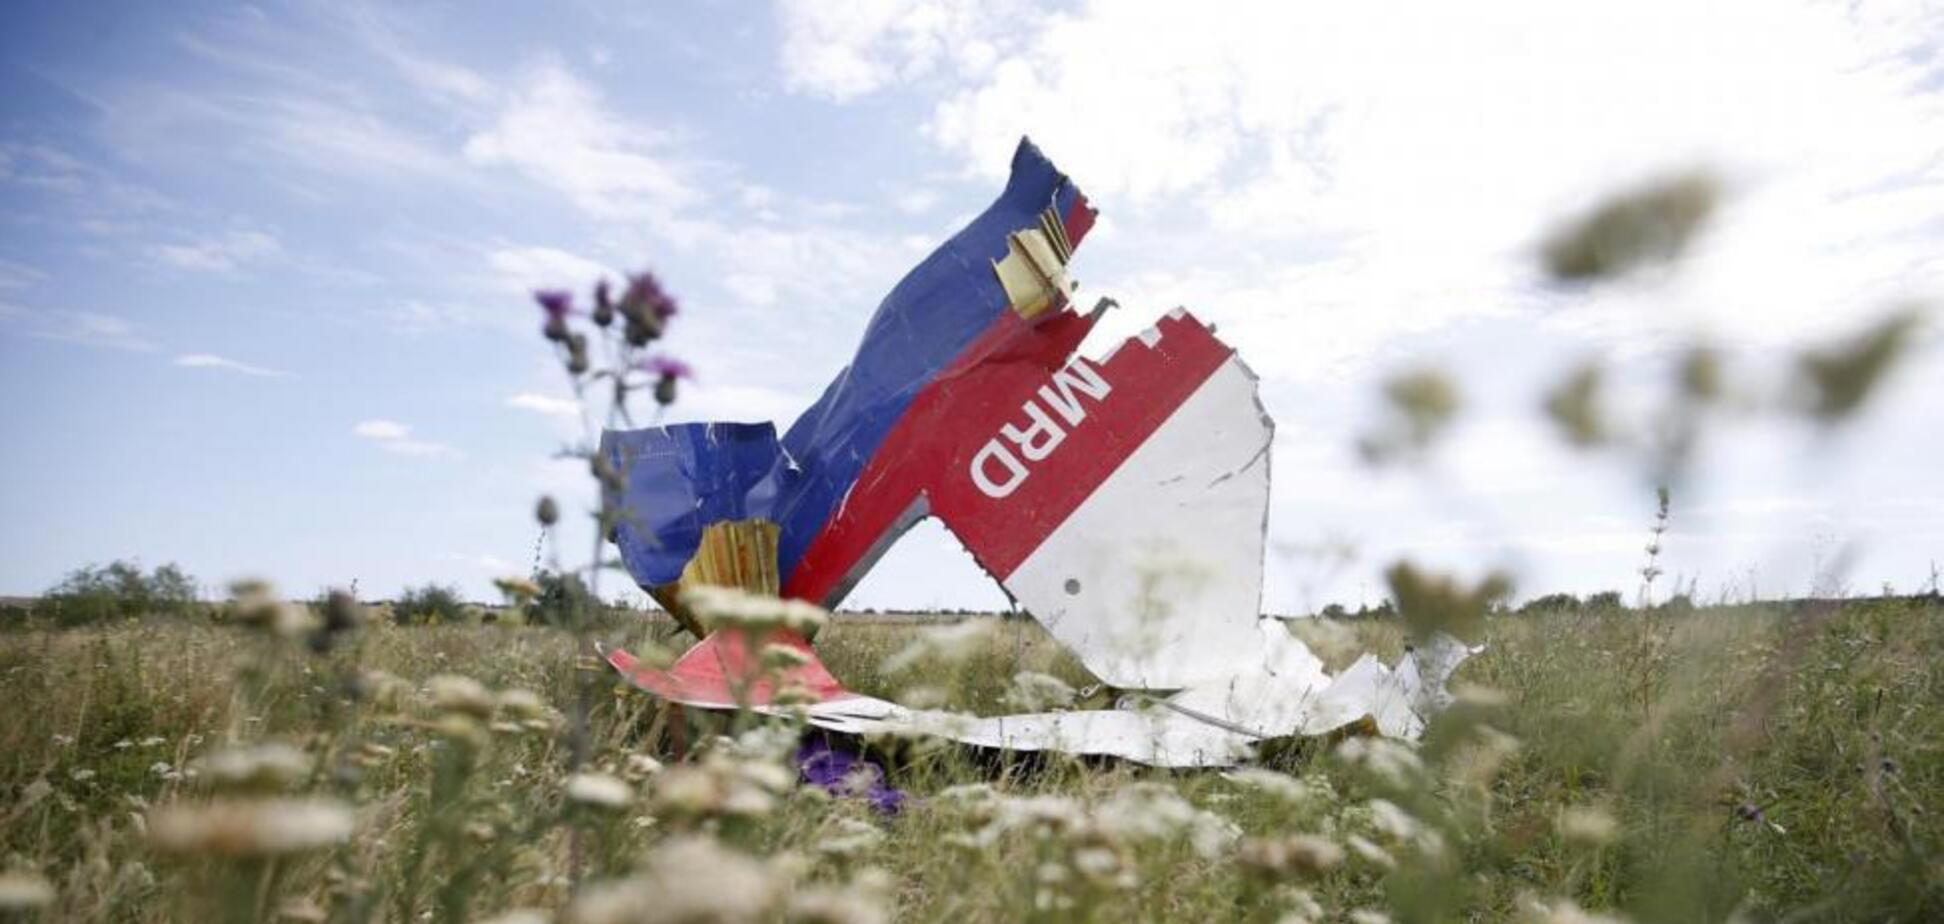 Місце падіння МН17, збитого над Донбасом